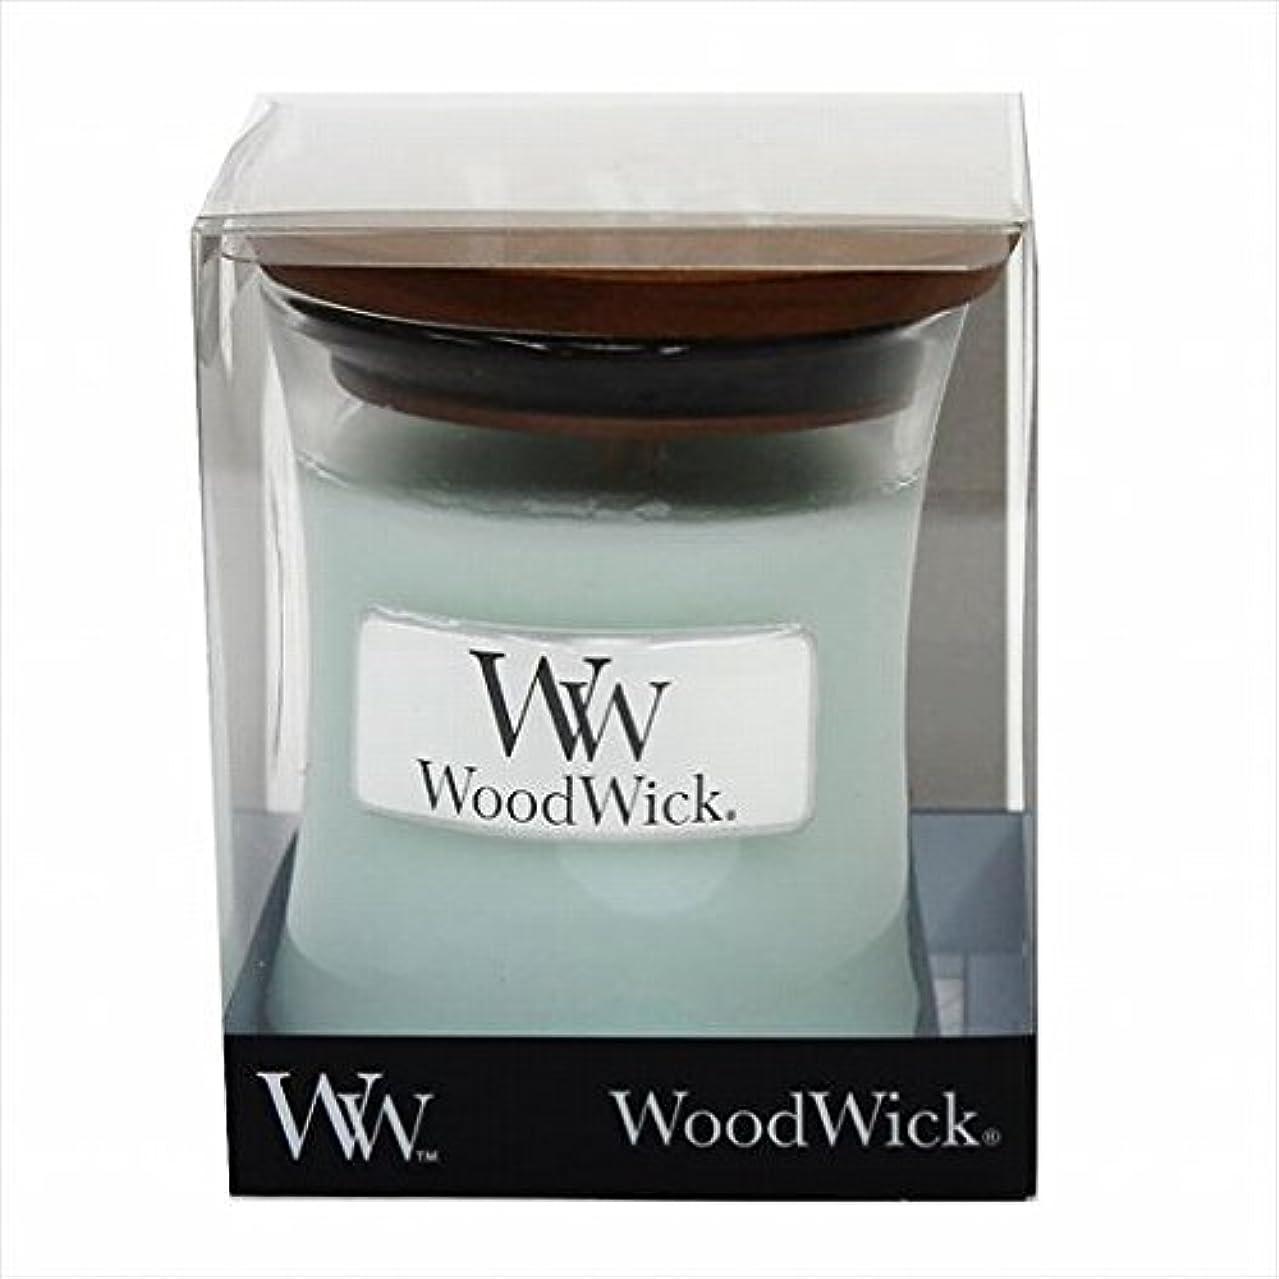 活性化ラウンジめ言葉カメヤマキャンドル( kameyama candle ) Wood Wick ジャーS 「 ピュアコンフォート 」